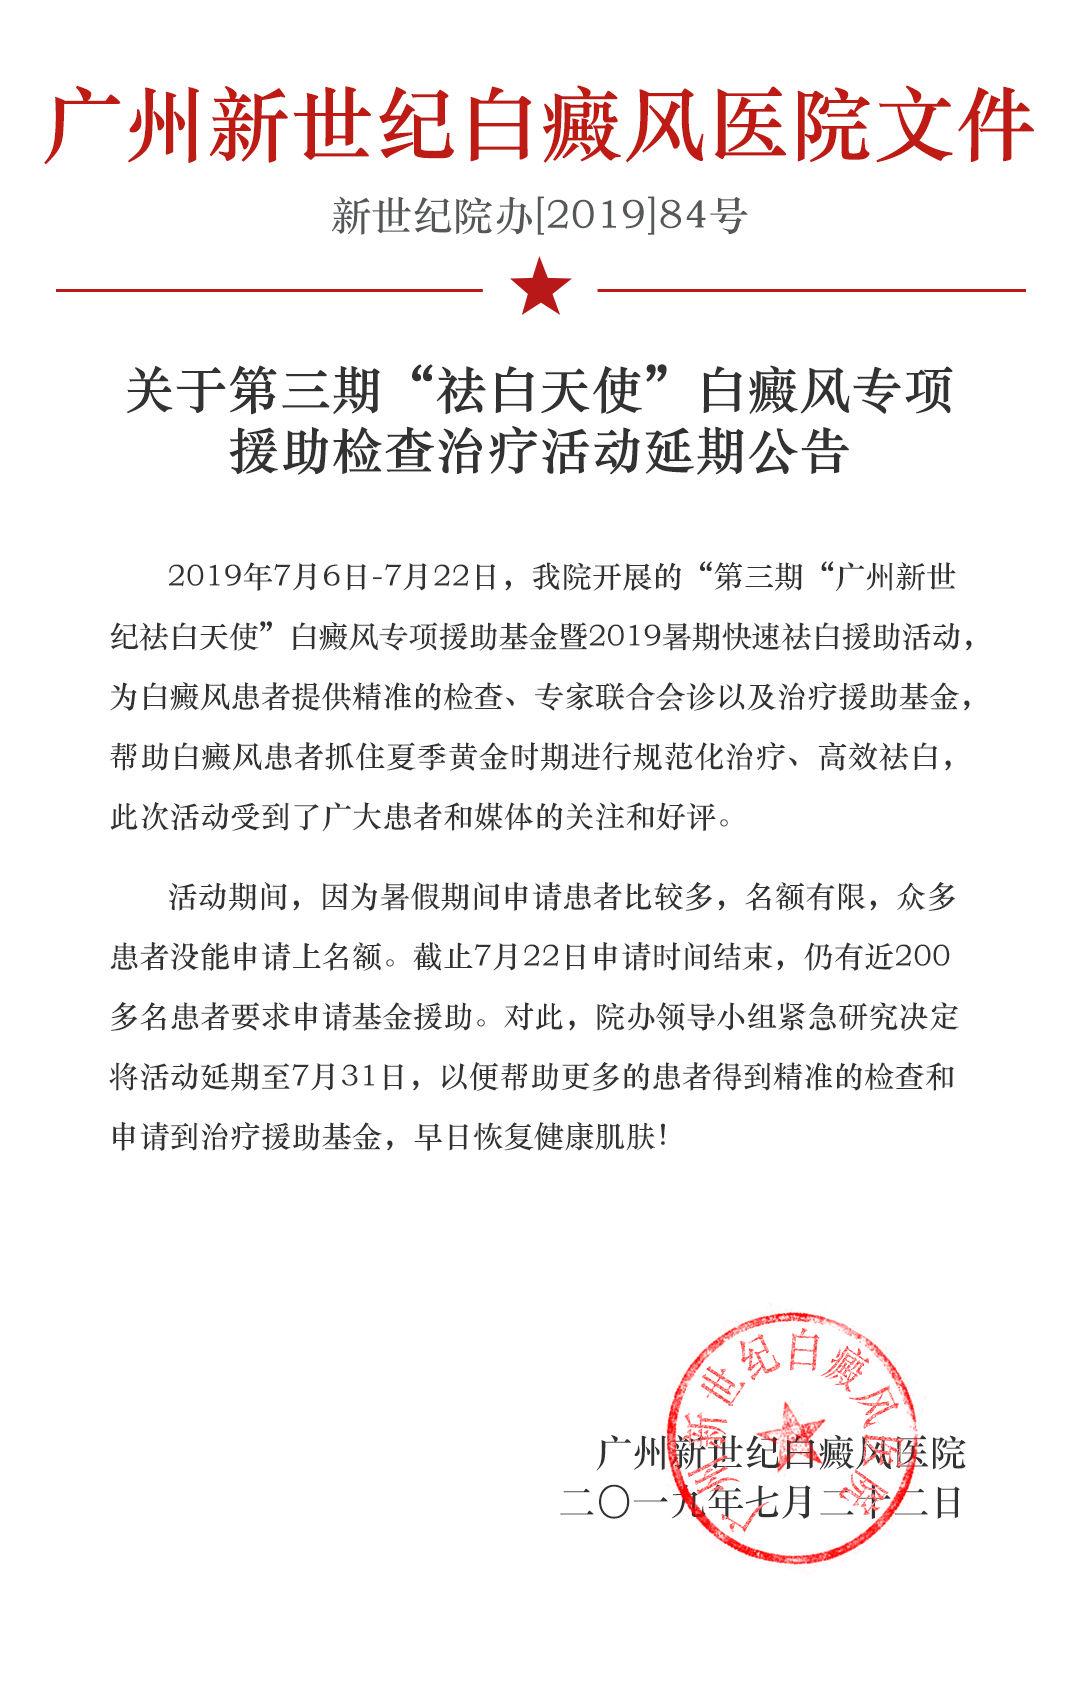 """第三期""""祛白天使""""白癜风专项援助基金活动延期至7月31日,抓紧时间申请哦!"""